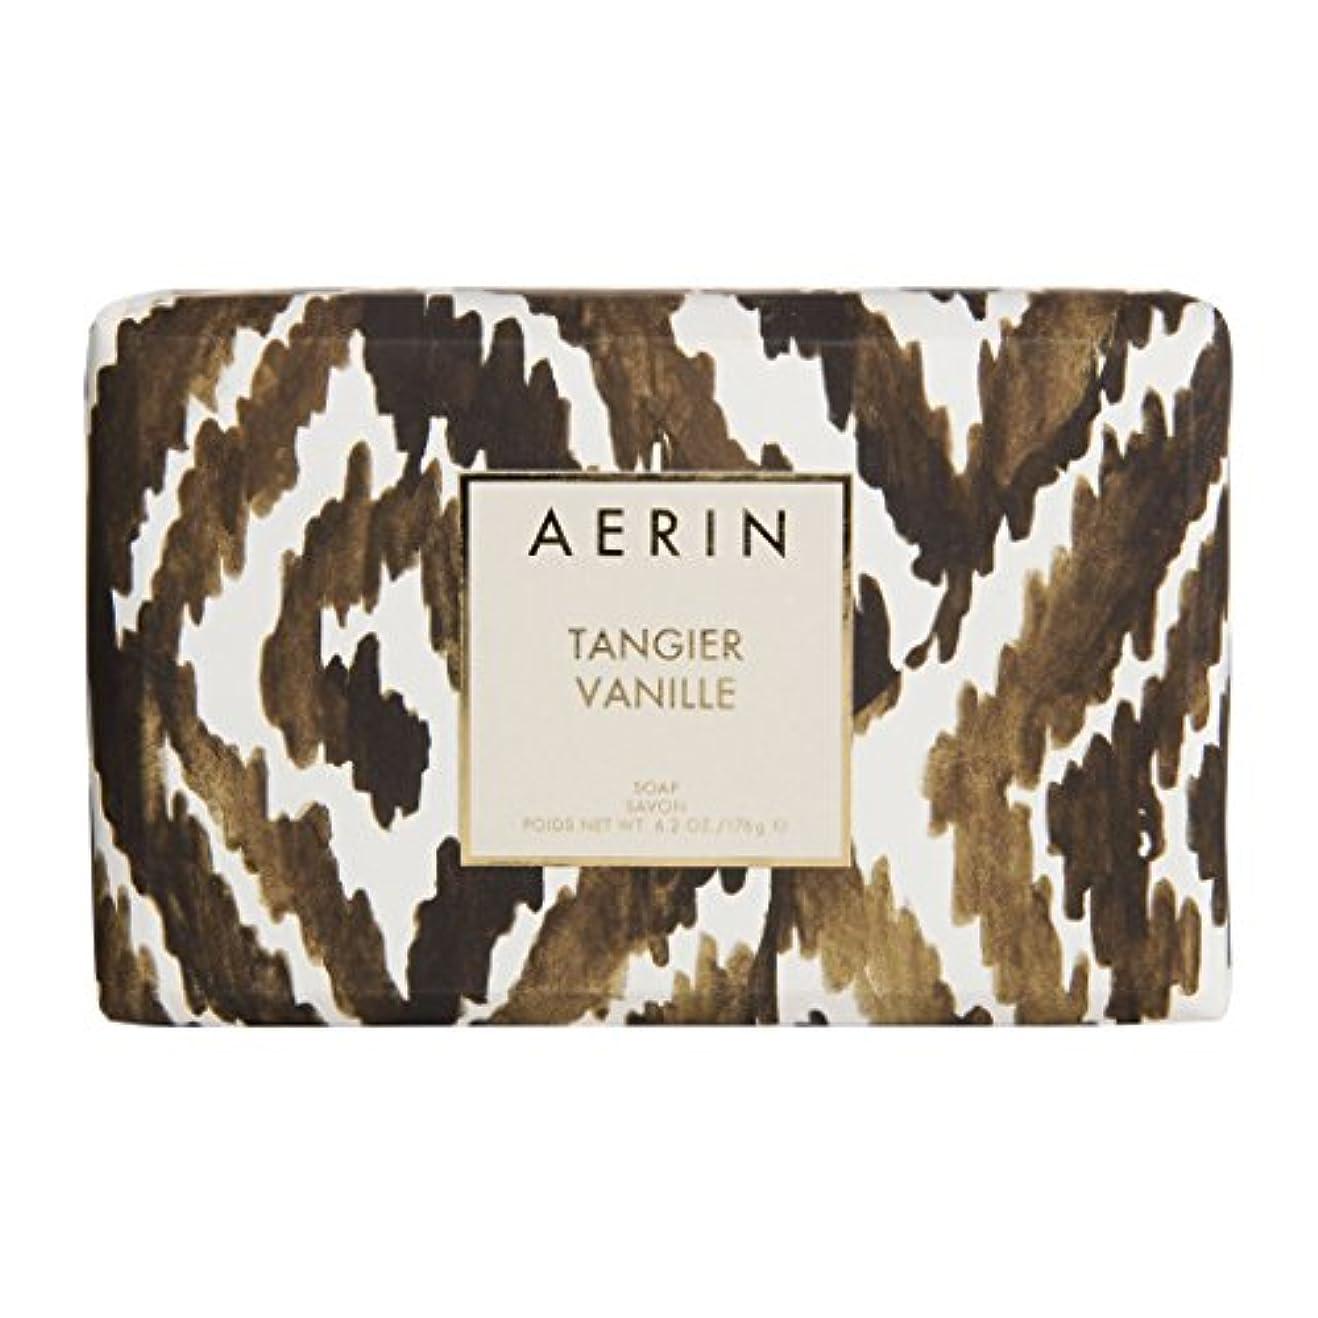 薬ゆるい手綱AERIN Tangier Vanille (アエリン タンジヤー バニール) 6.2 oz (186ml) Soap 固形石鹸 by Estee Lauder for Women